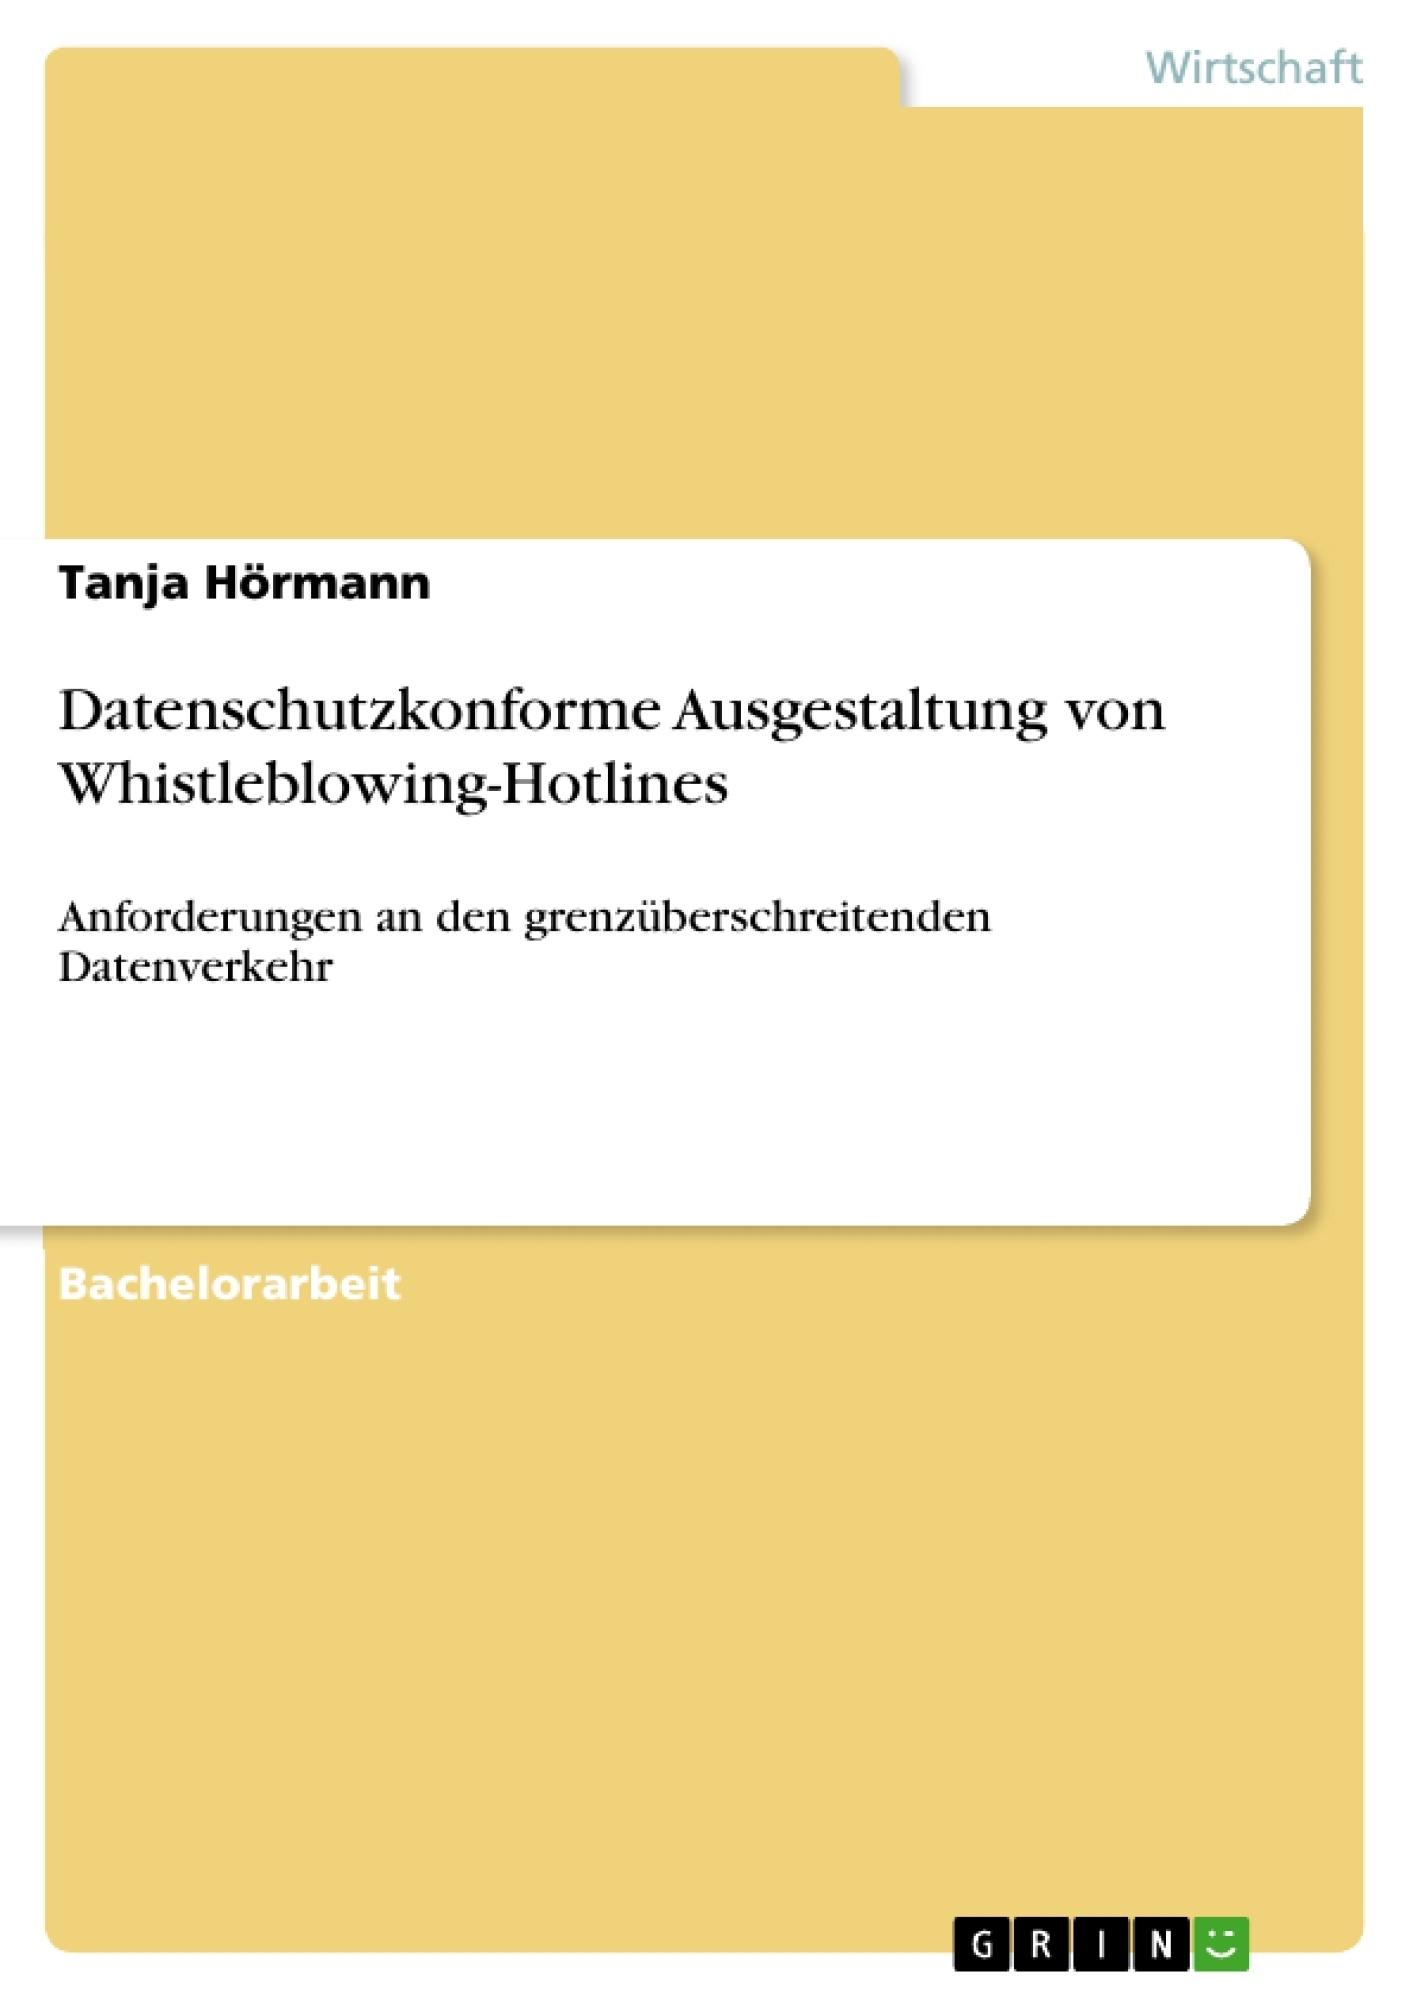 Titel: Datenschutzkonforme Ausgestaltung von Whistleblowing-Hotlines